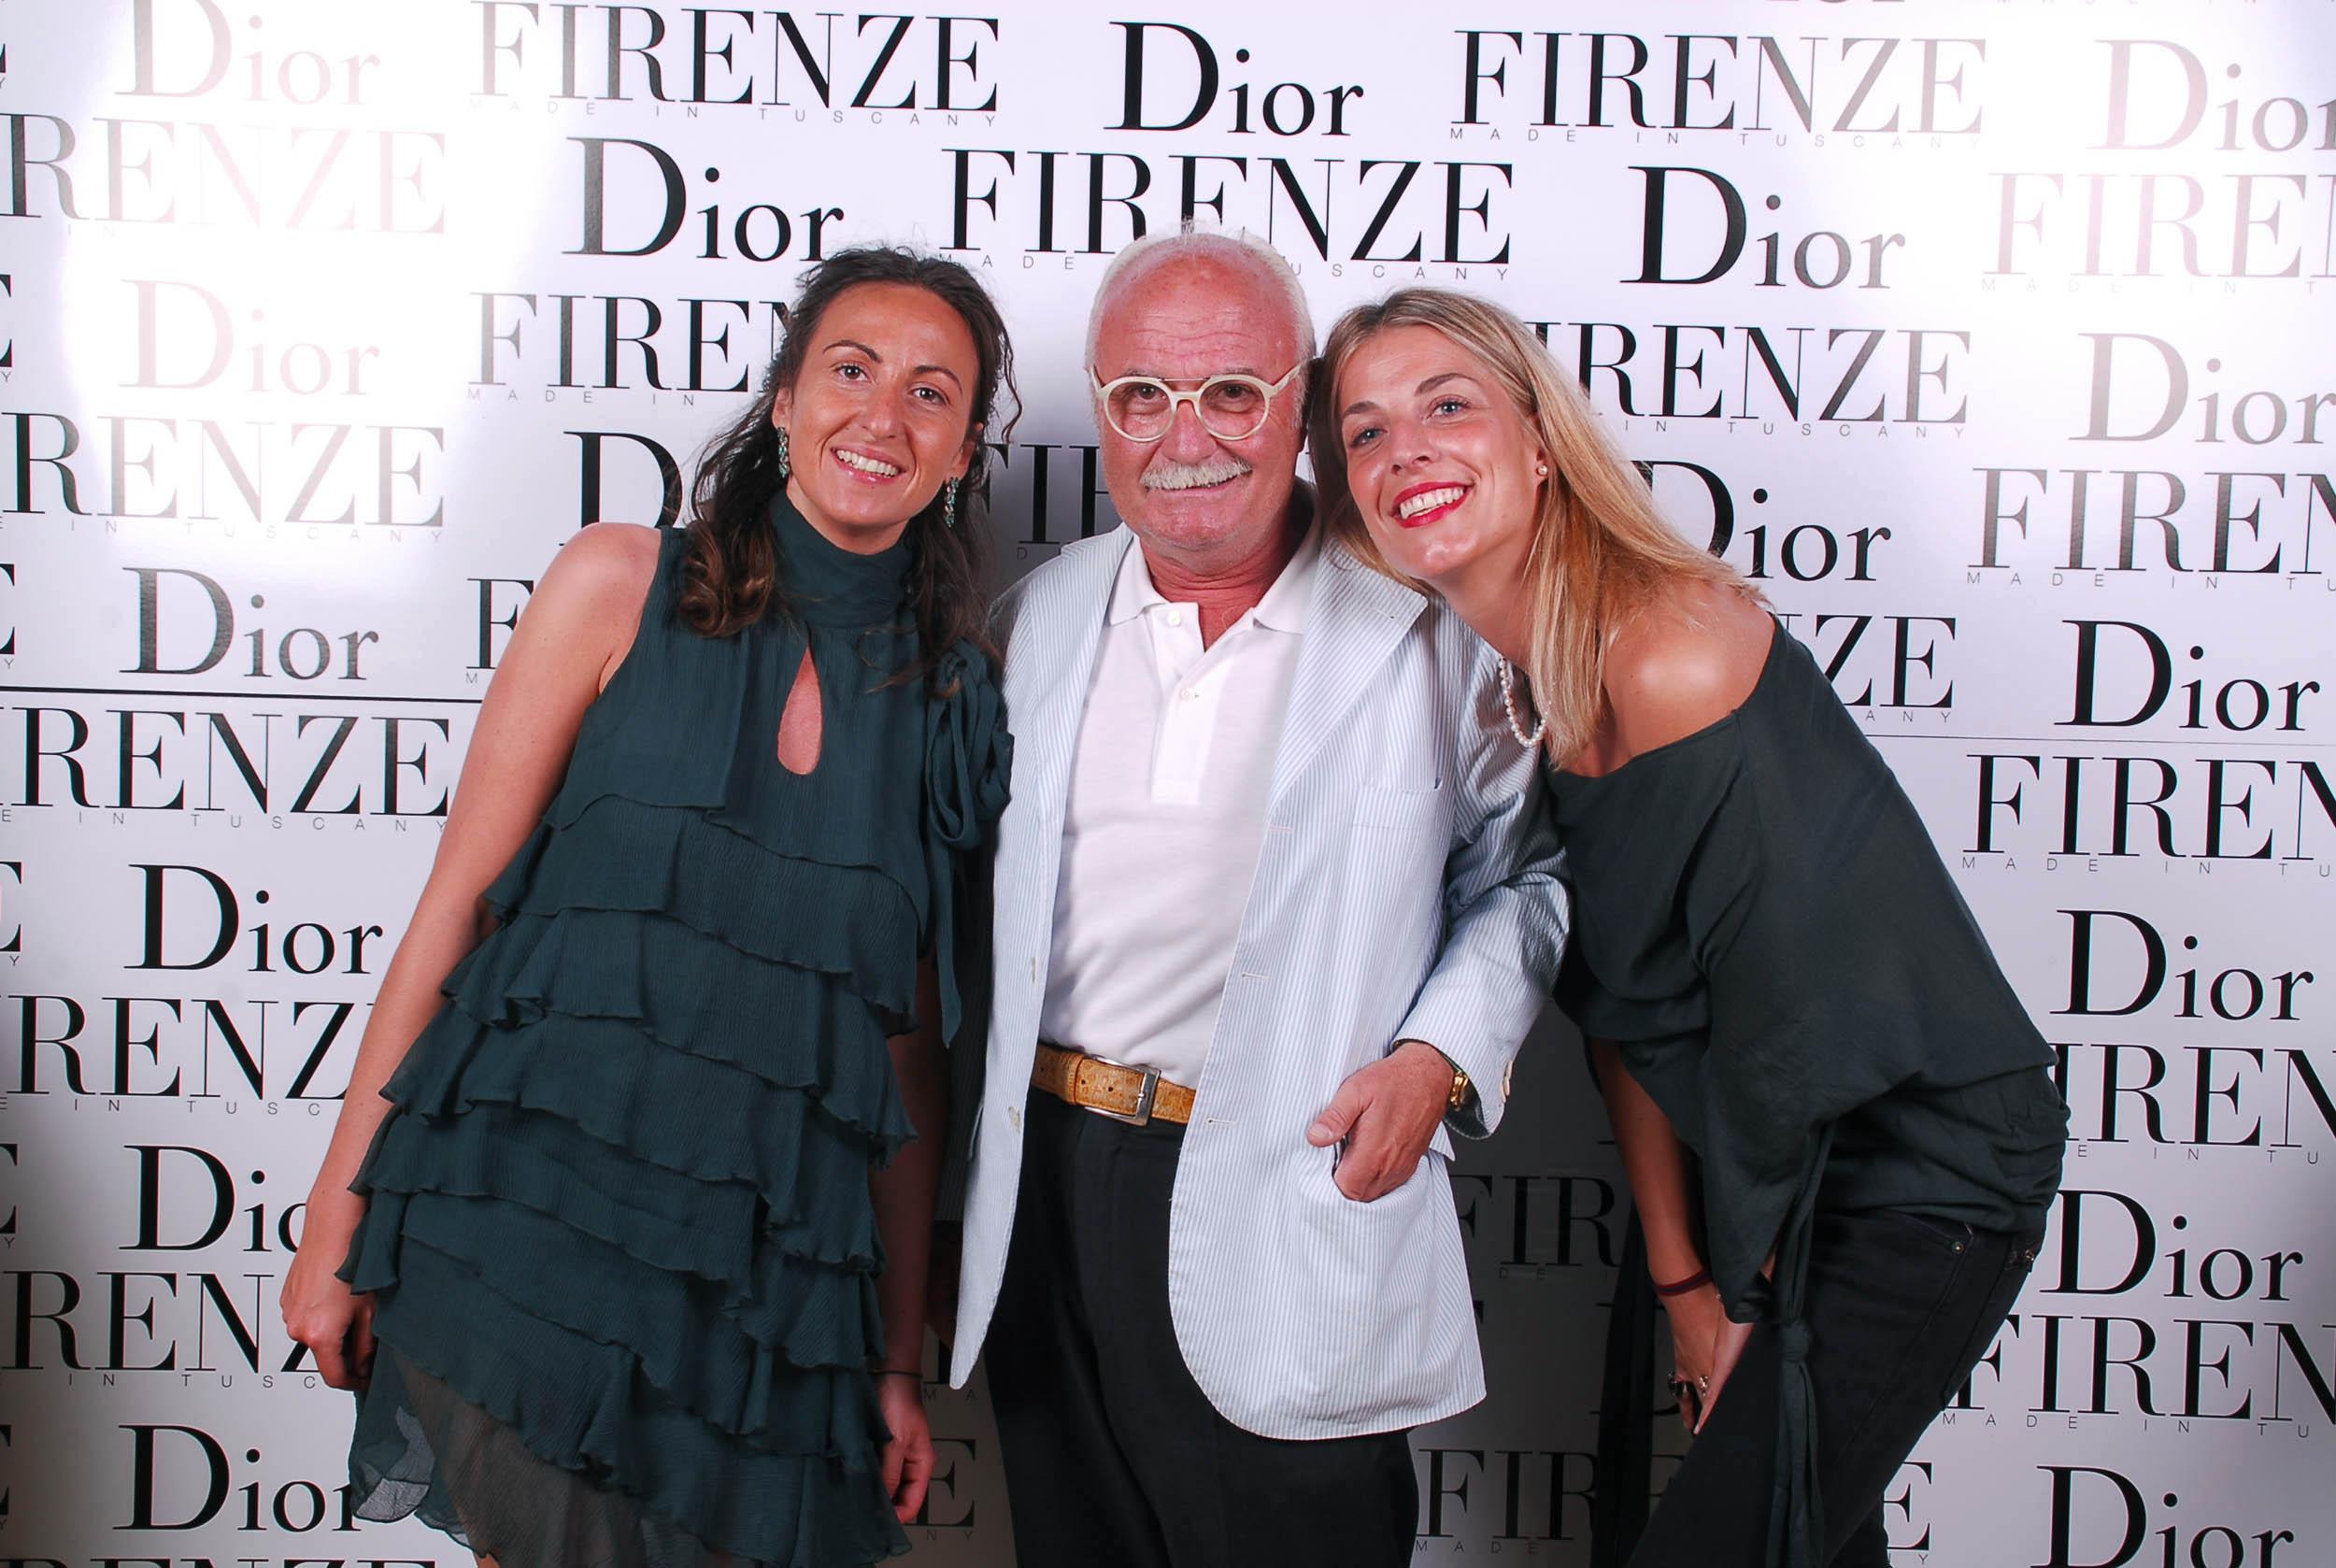 PRESSPHOTO  Firenze, evento Dior al teatro romano di Fiesole. Nella foto  Teresa Martucci, Gianni Mercatali e Giulia Dirindelli